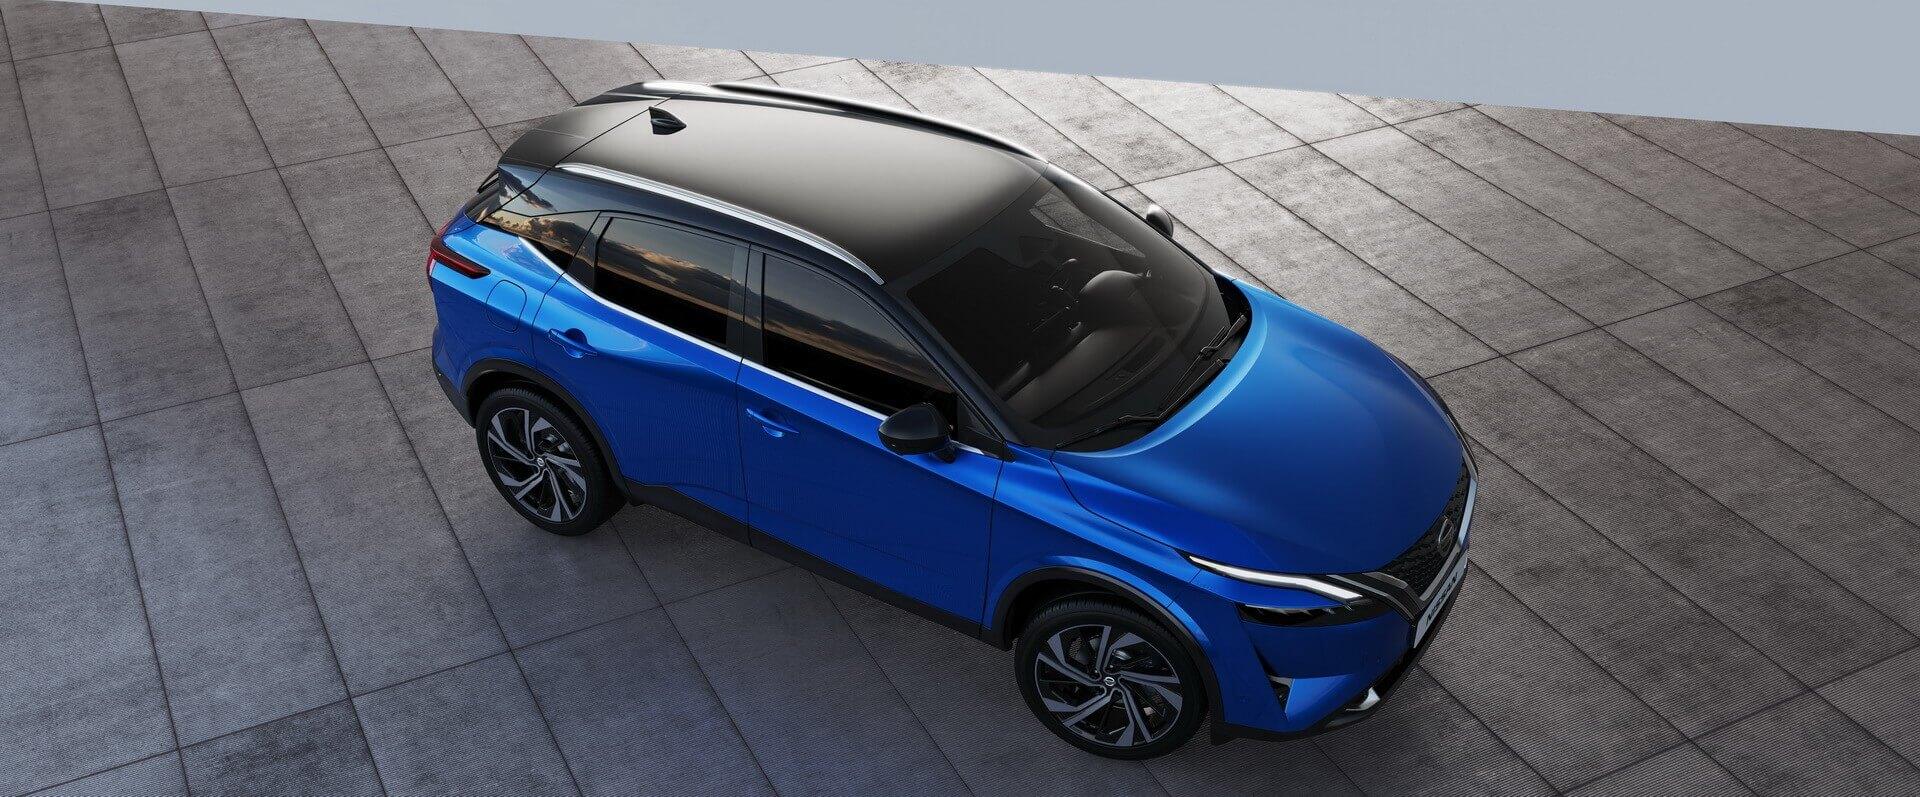 Гибридный Nissan Qashqai 2021 года